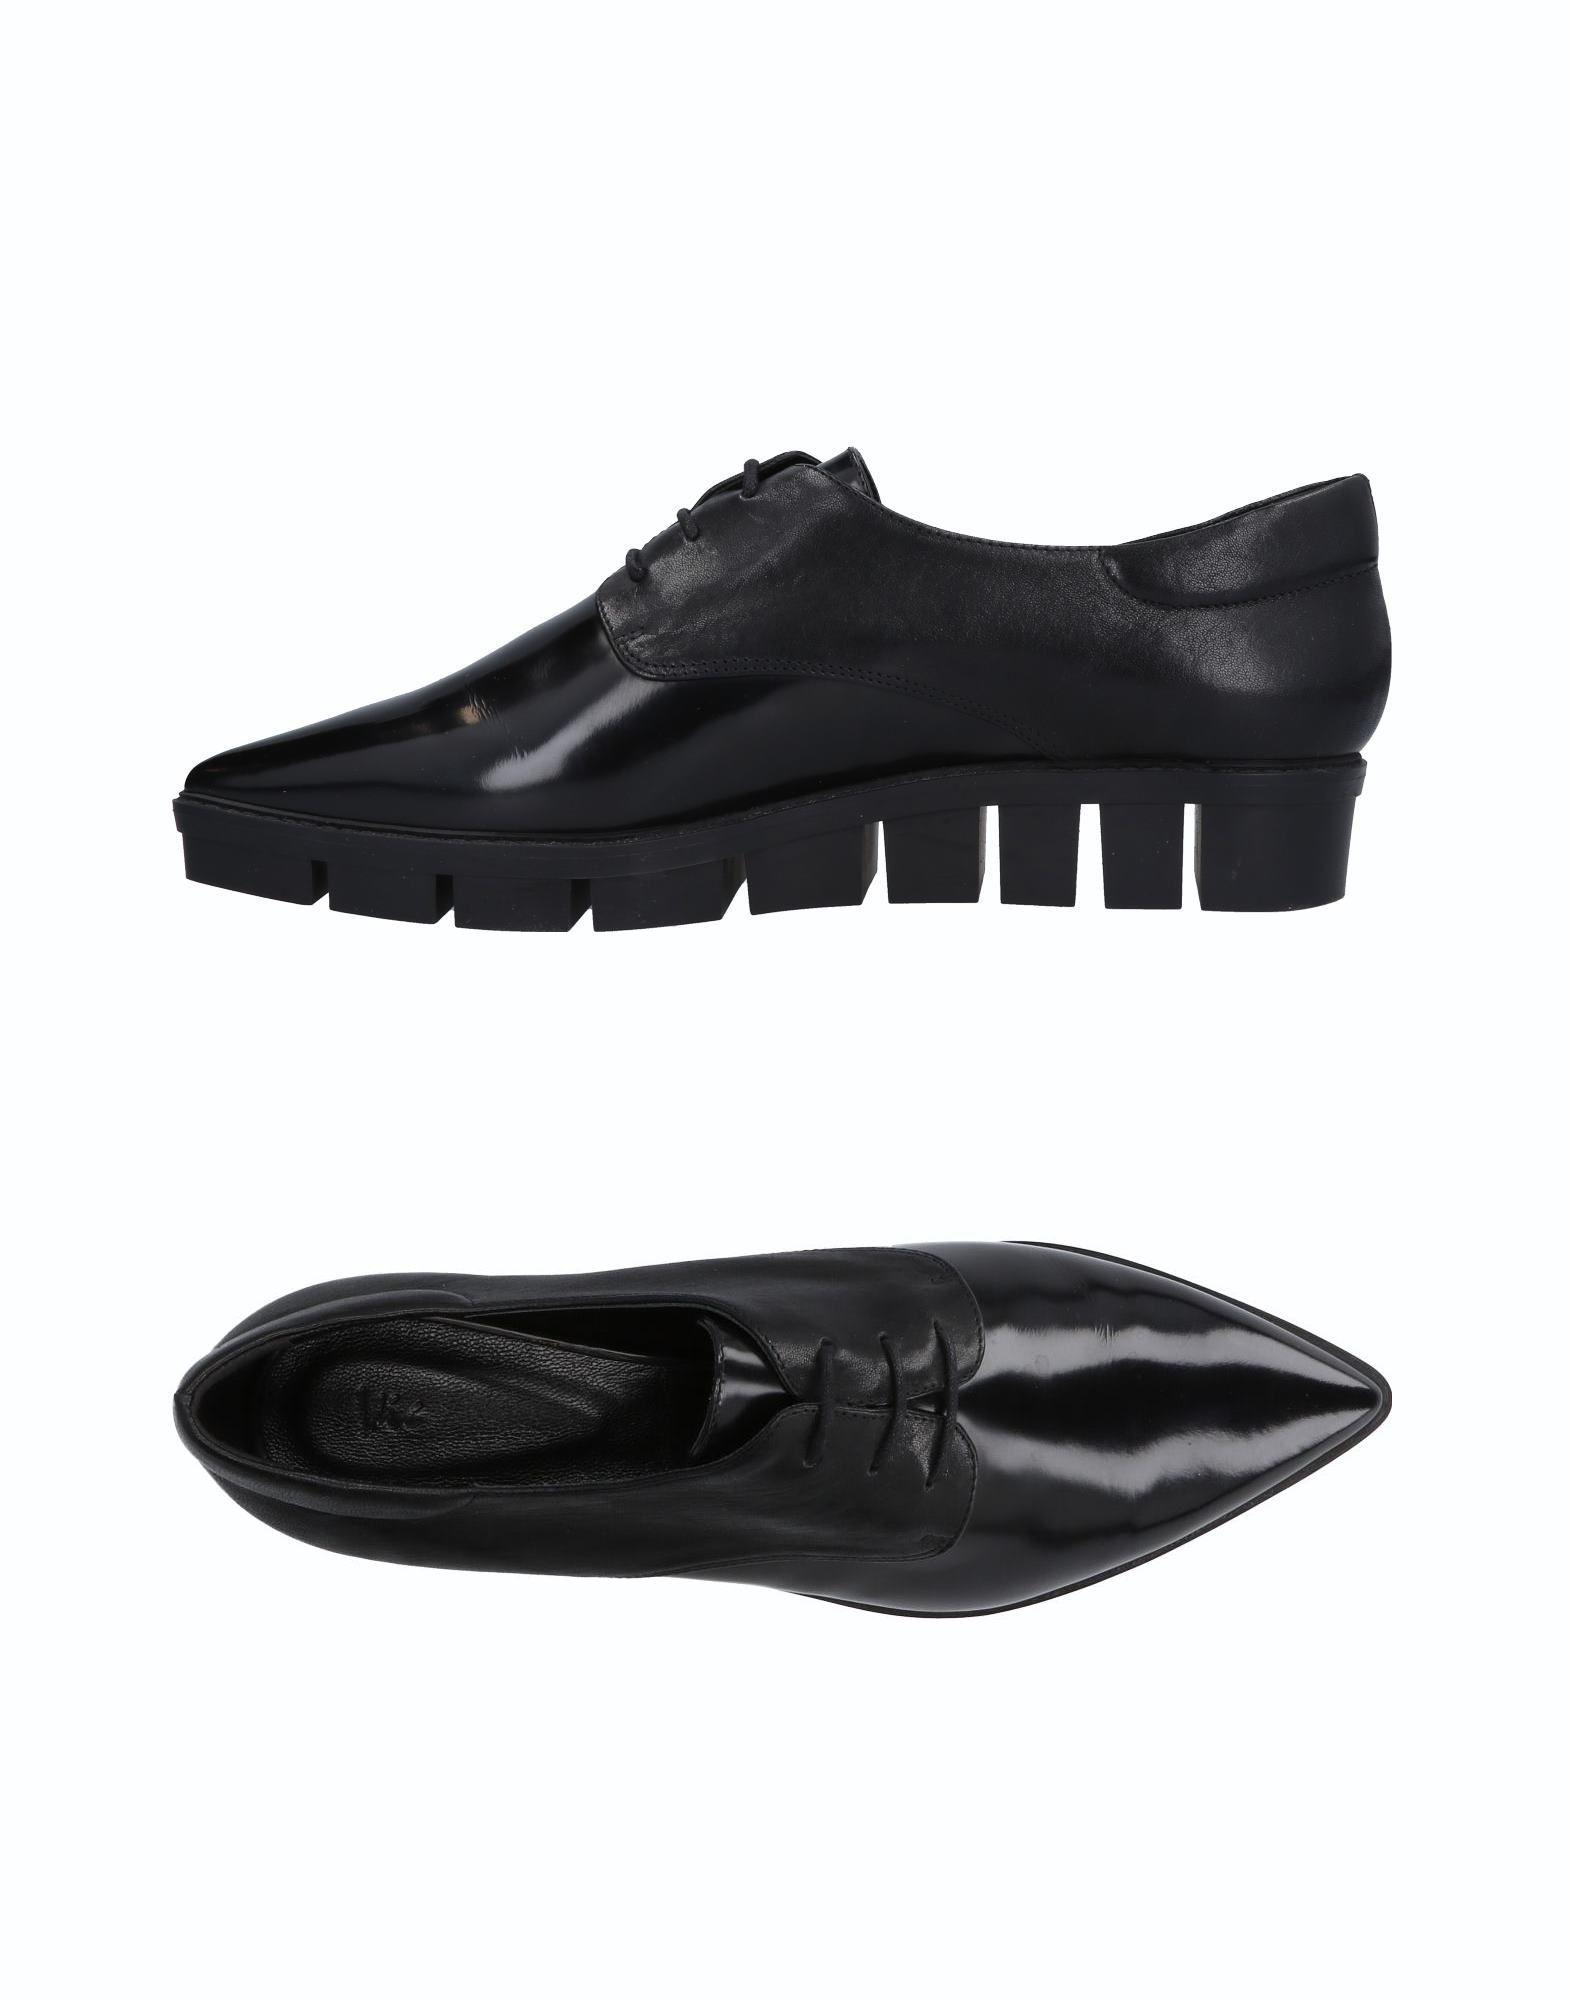 Vic Schnürschuhe Damen  11501575VO Gute Qualität beliebte Schuhe